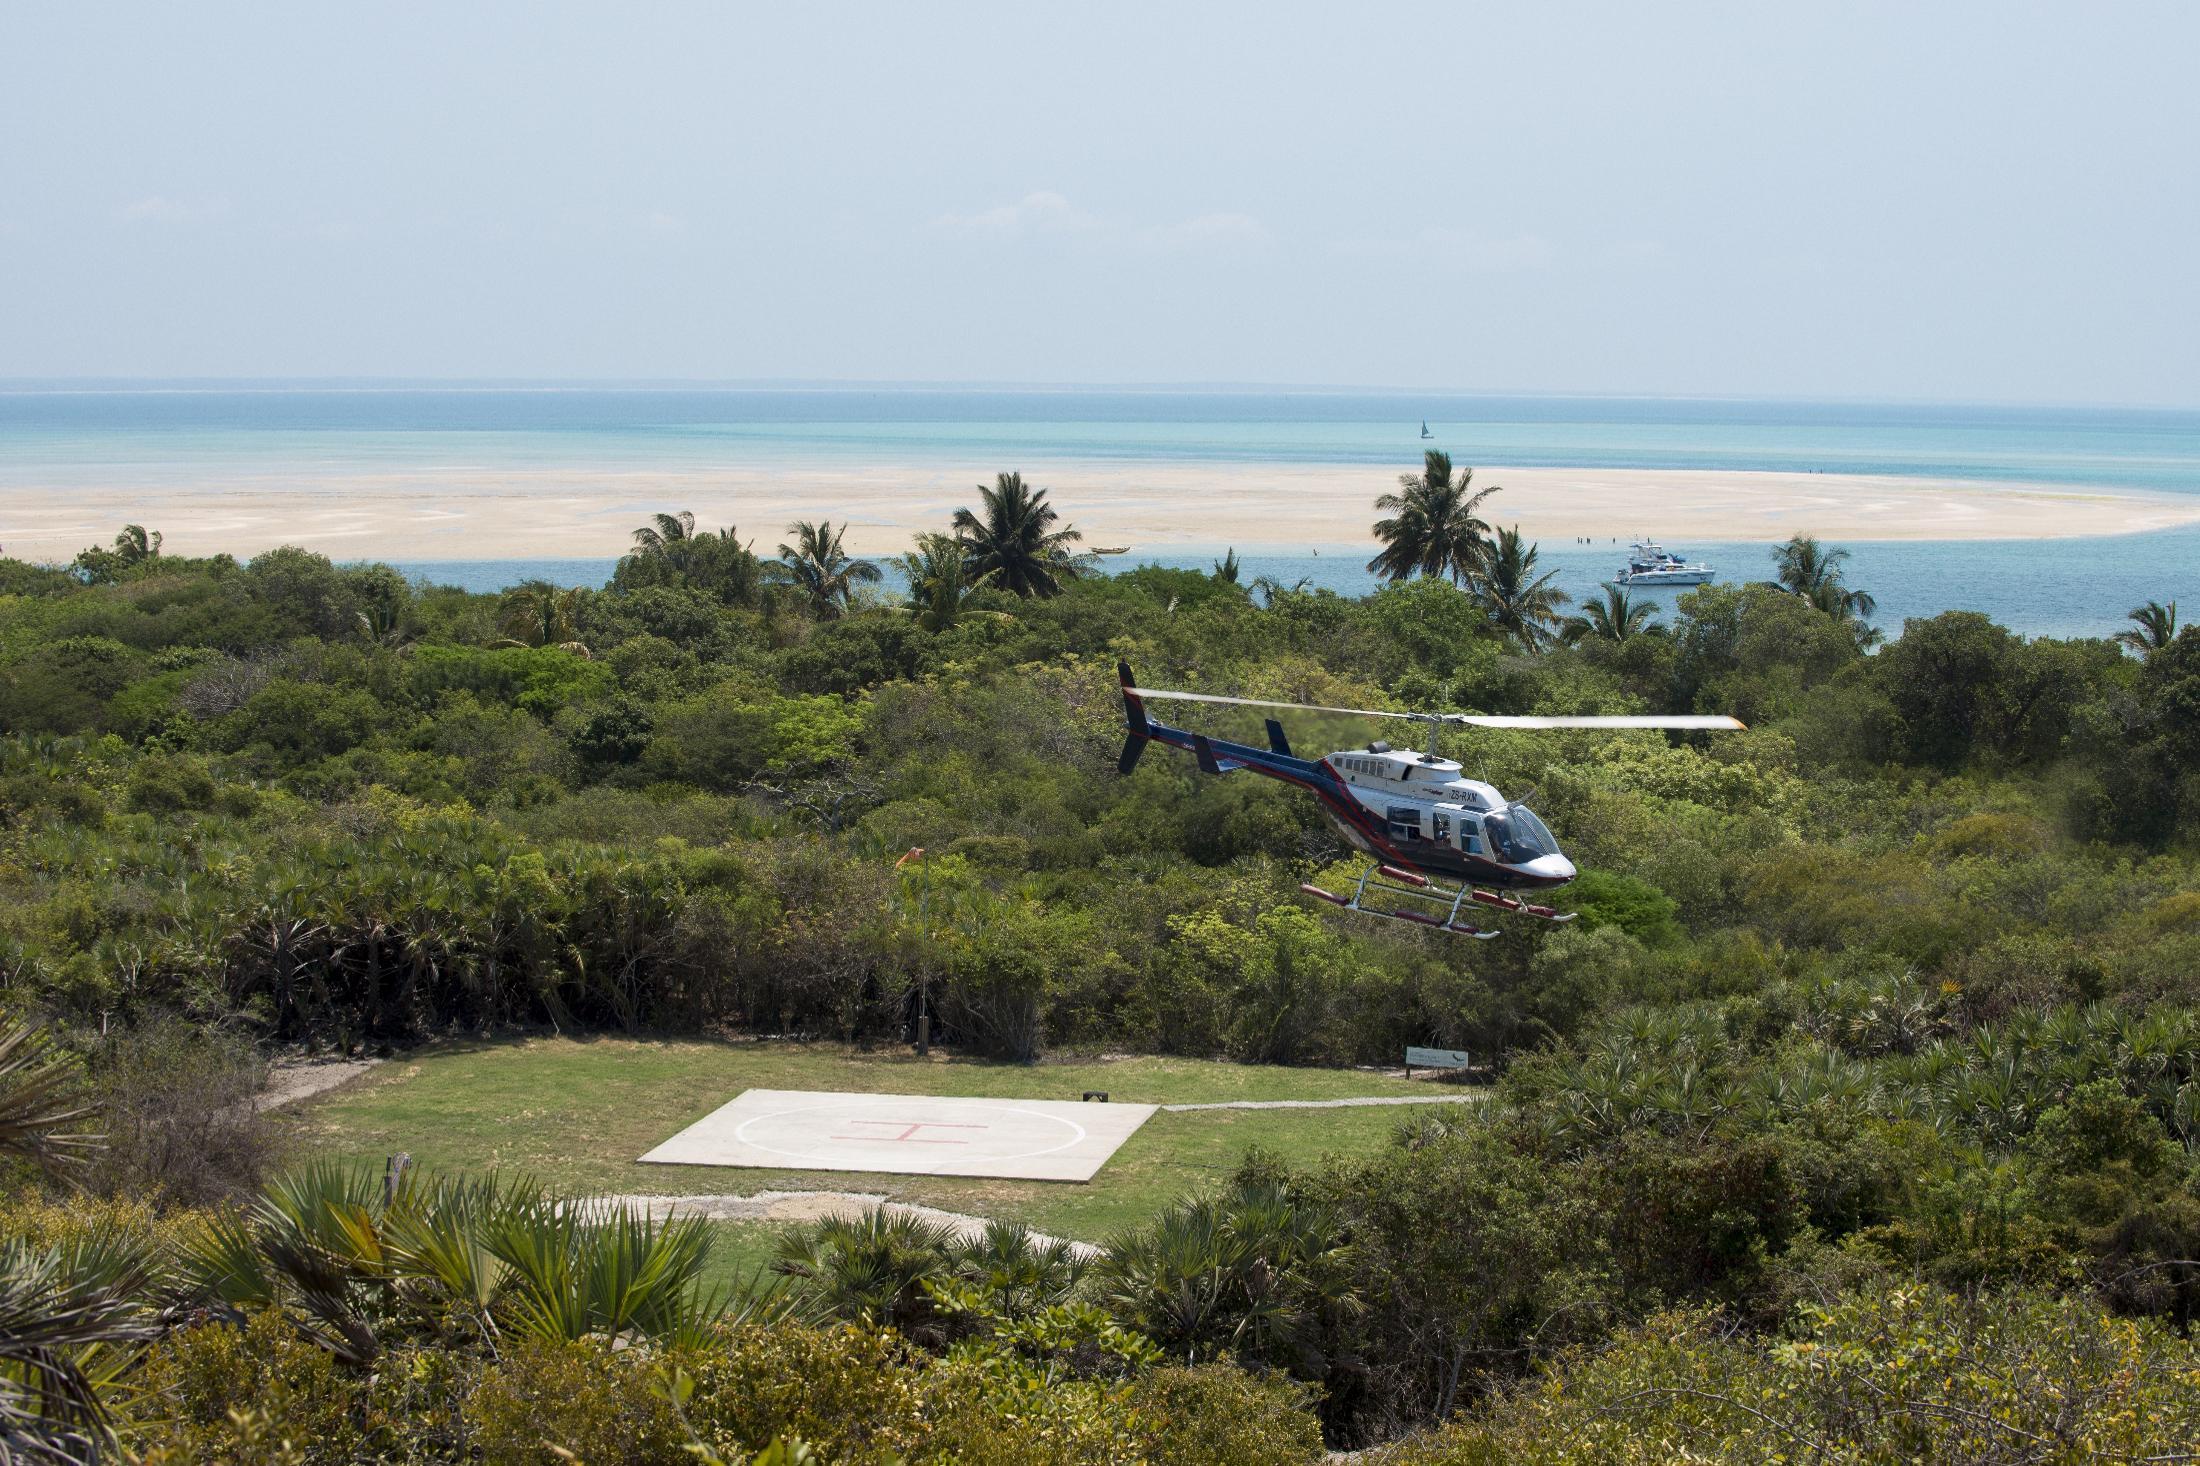 Rondreizen Zuid-Afrika Mozambique - Aankomst met helicopter op Benguerra Island Lodge (&Beyond)